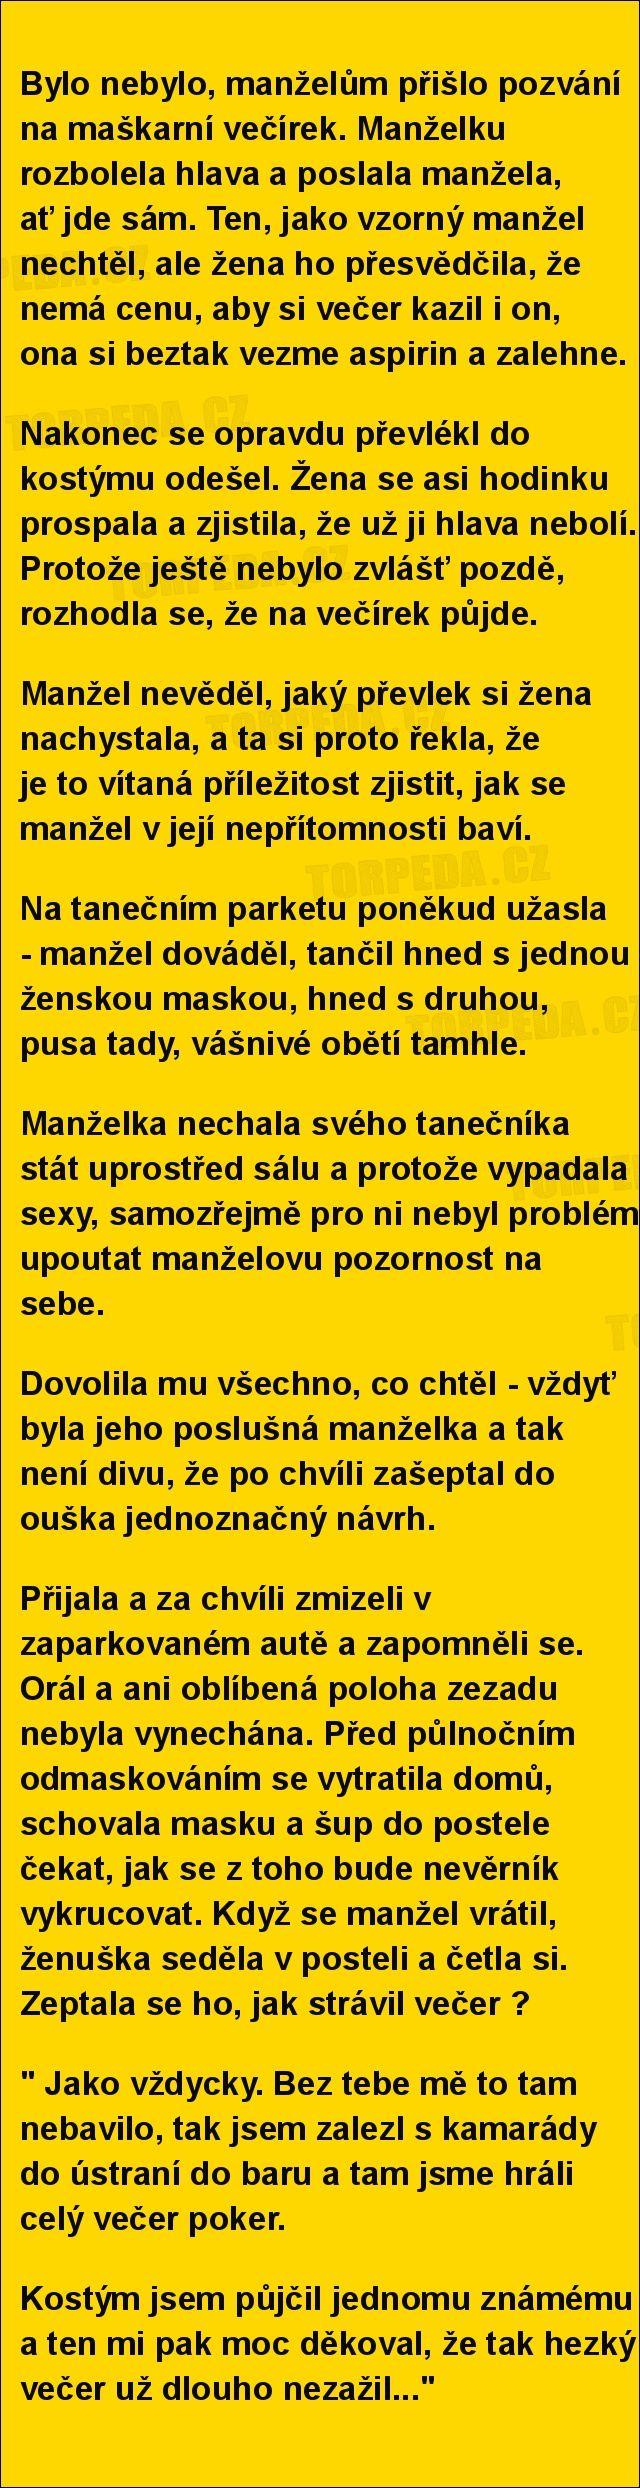 Bylo nebylo, manželům přišlo pozvání na maškarní večírek.... | torpeda.cz - vtipné obrázky, vtipy a videa